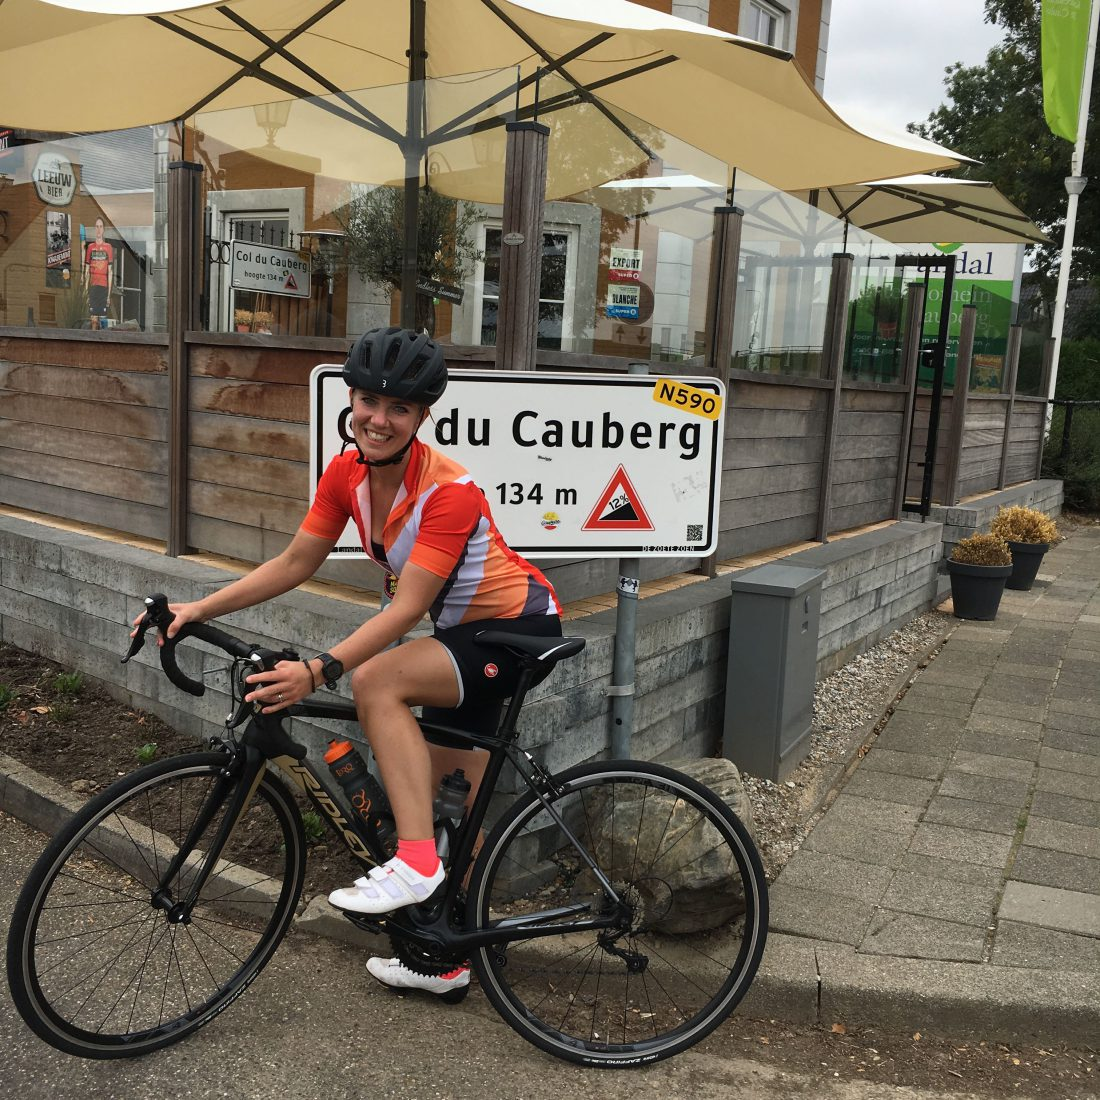 Fietsen in Limburg - wanderlotje